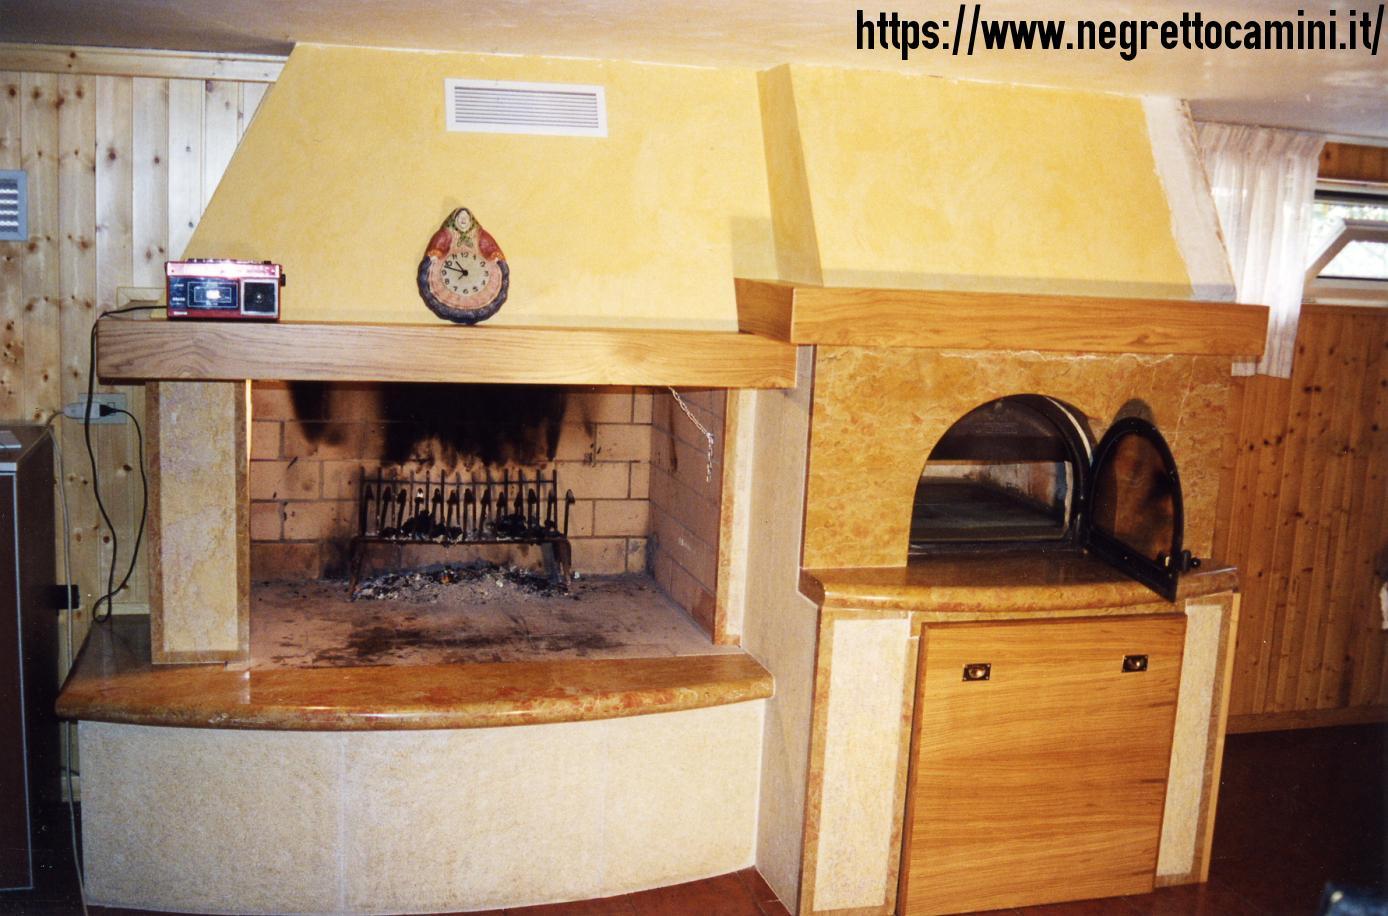 Camino in giallo reale negretto camini d 39 autore - Camino con forno ...